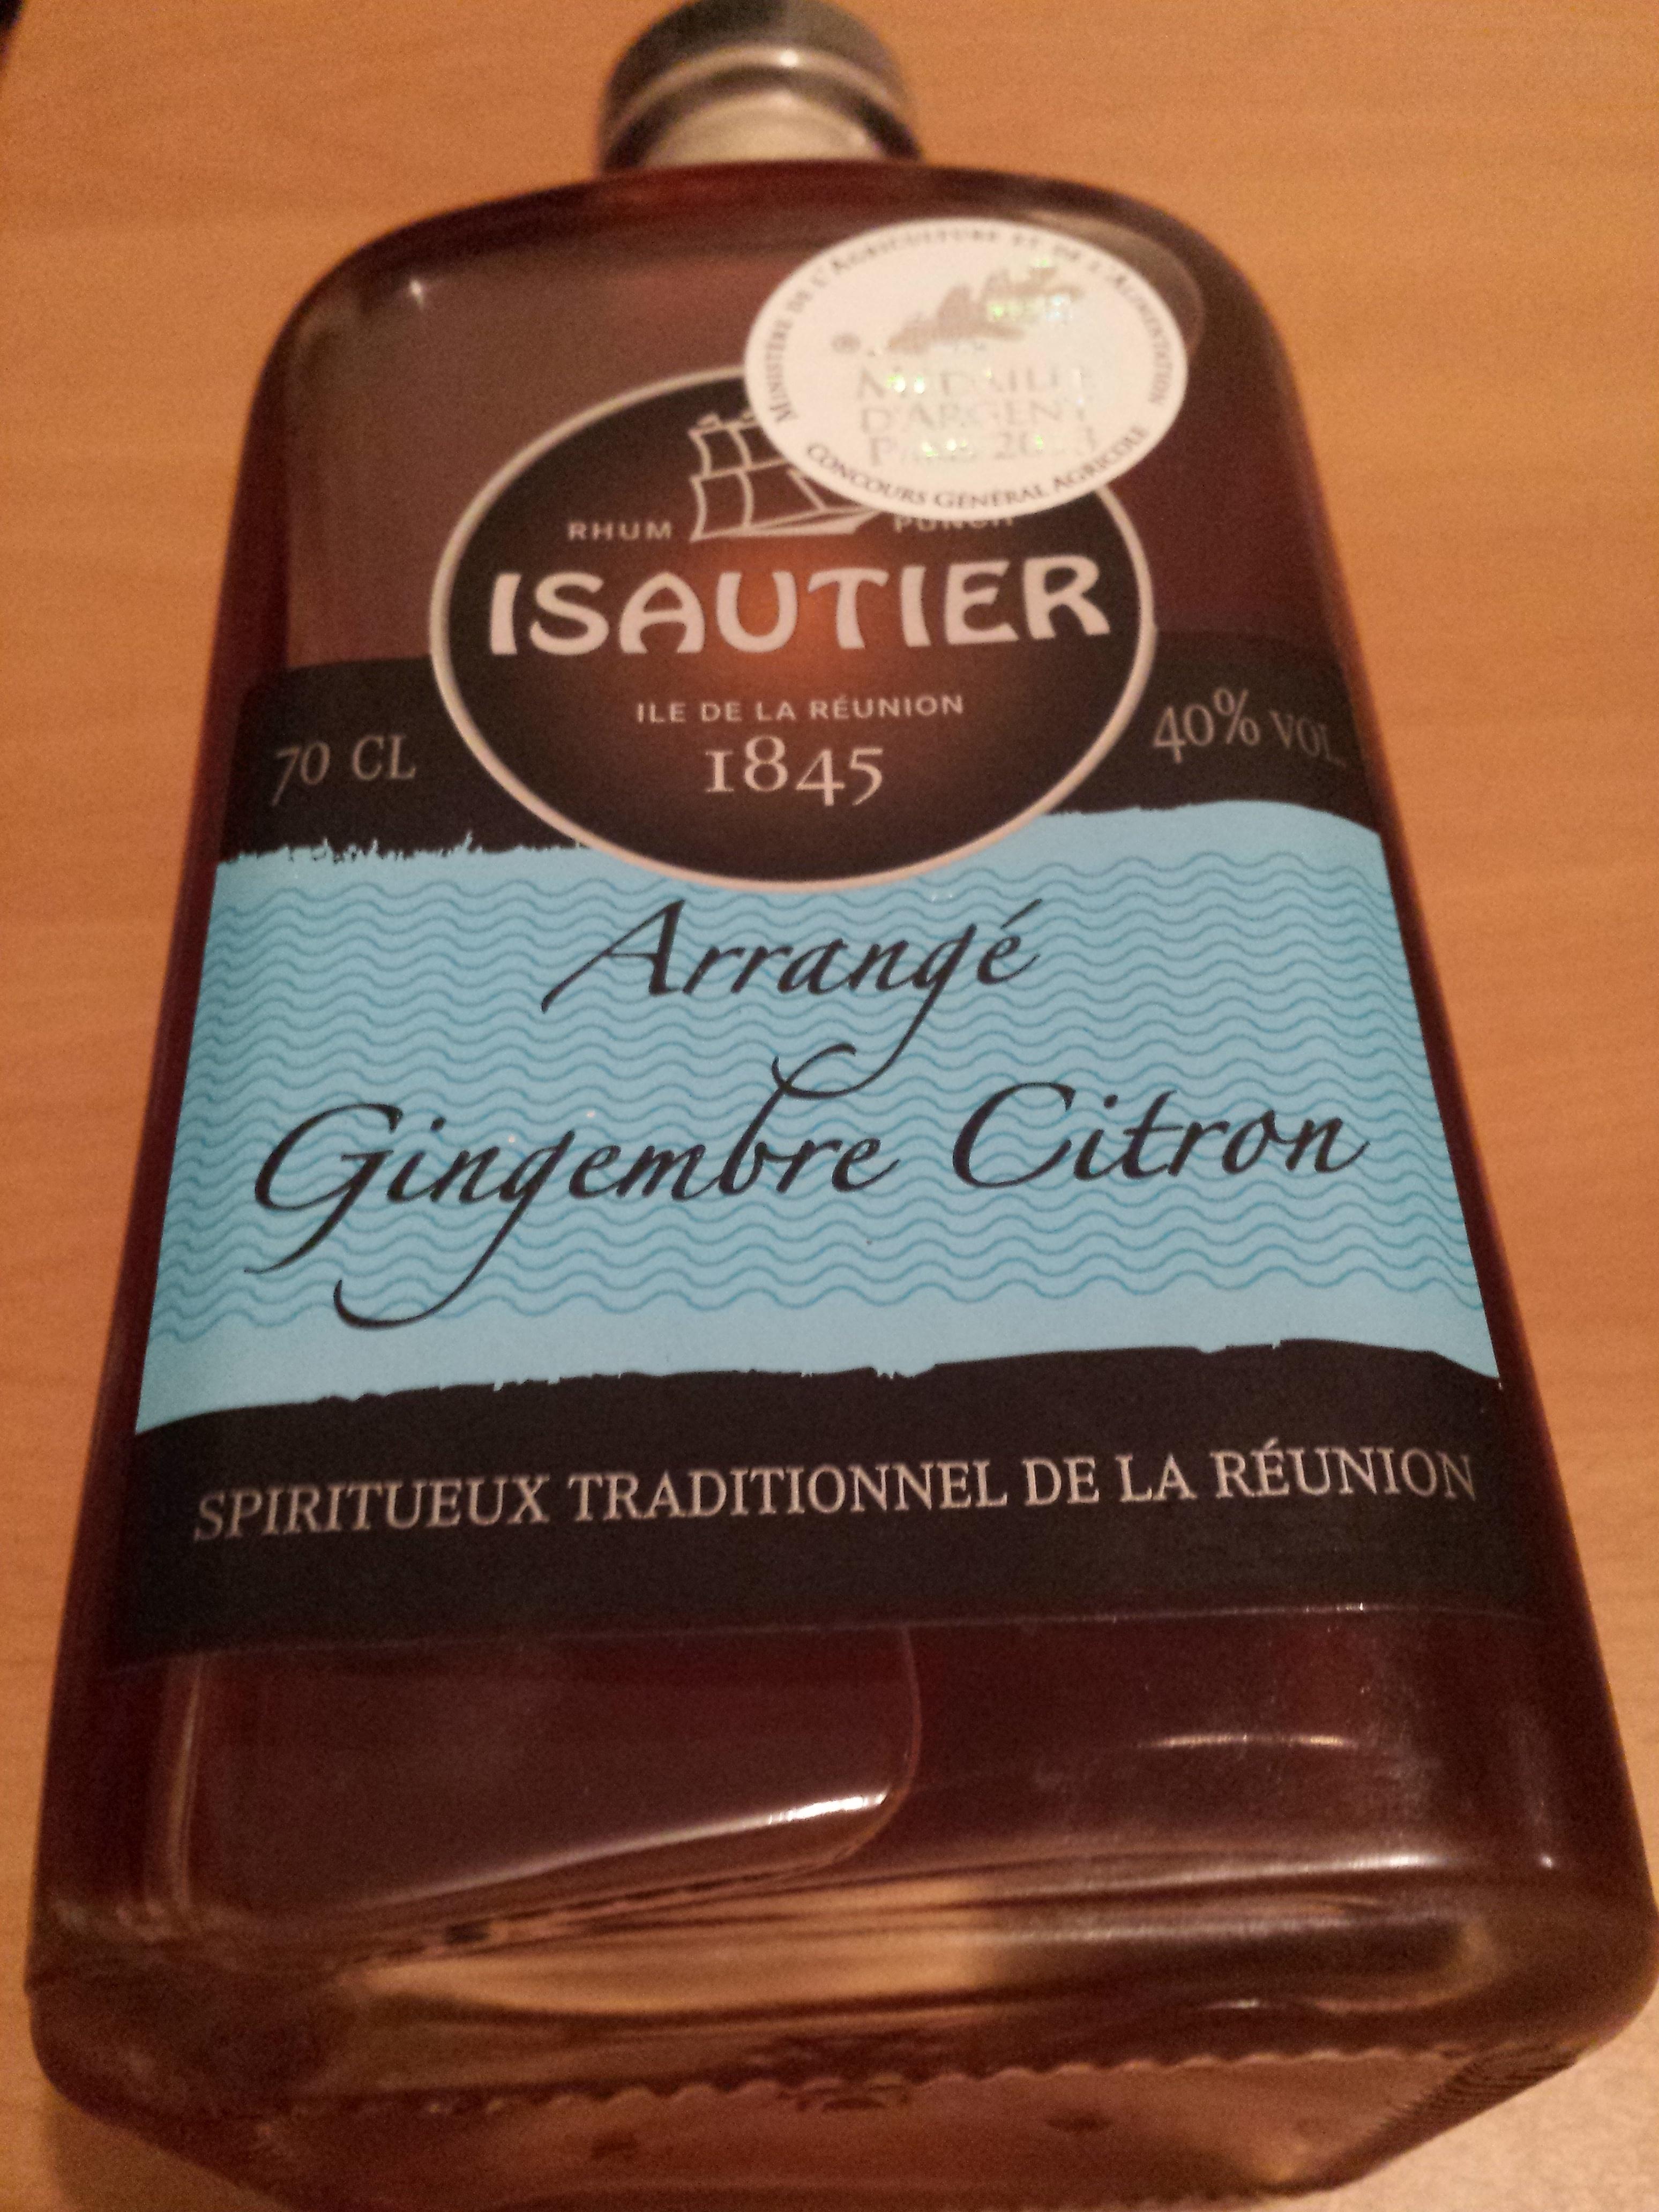 Rhum Arrangé Gingembre Citron - Product - fr